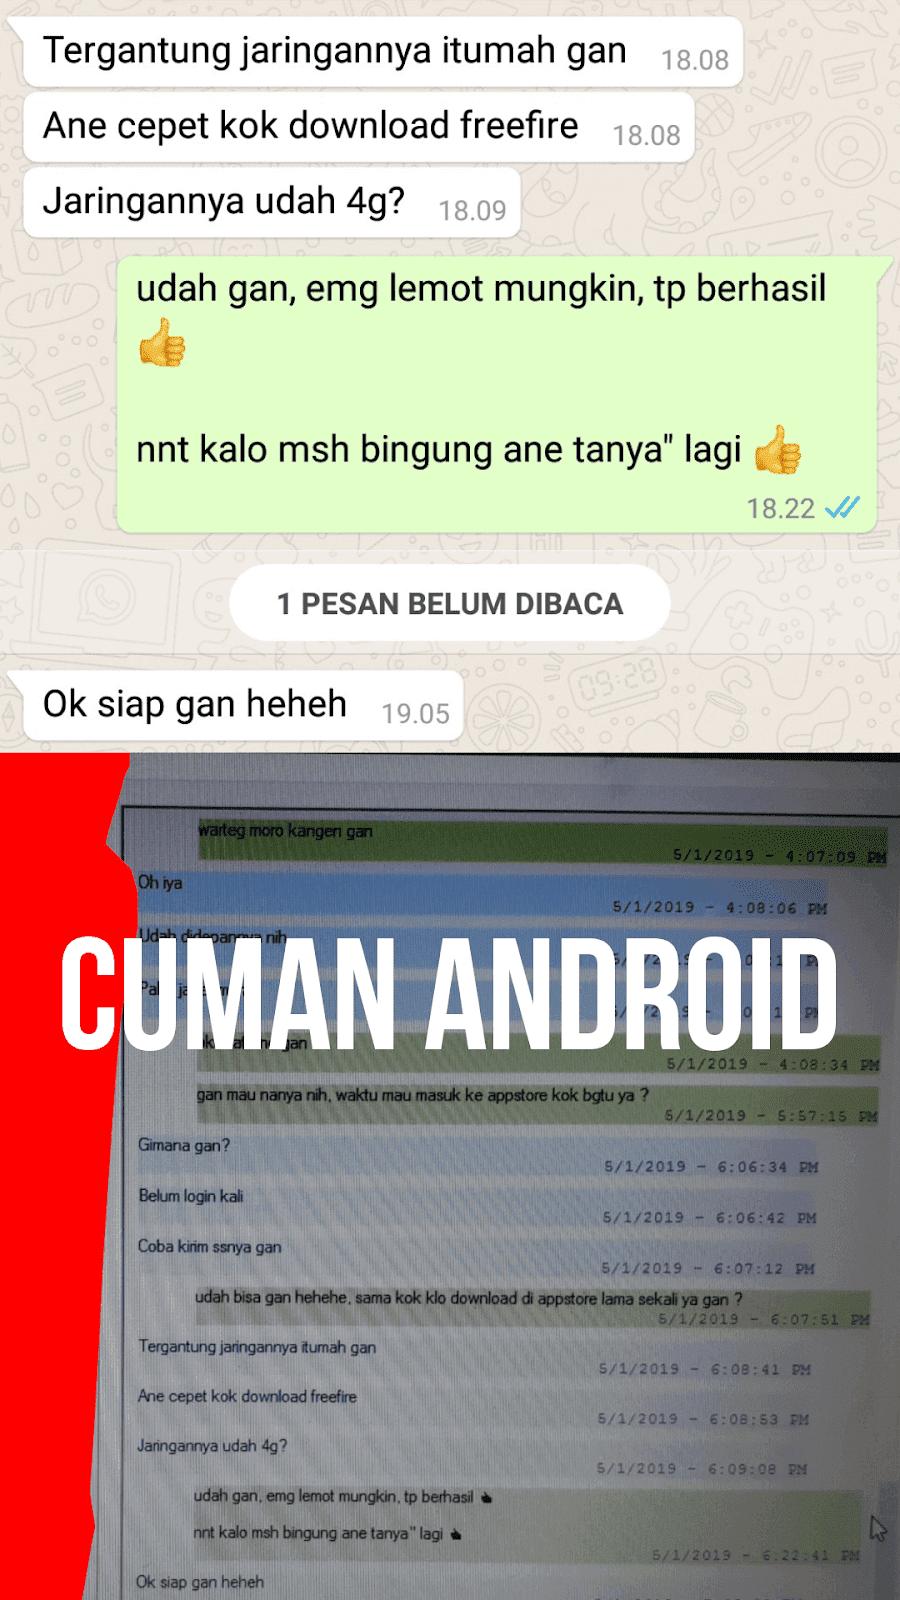 Cara Menggunakan Termux untuk Expert, Part 12 : Cara Bobol Whatsapp di Hp Android Orang Lain via Metasploit (PC+ROOT)